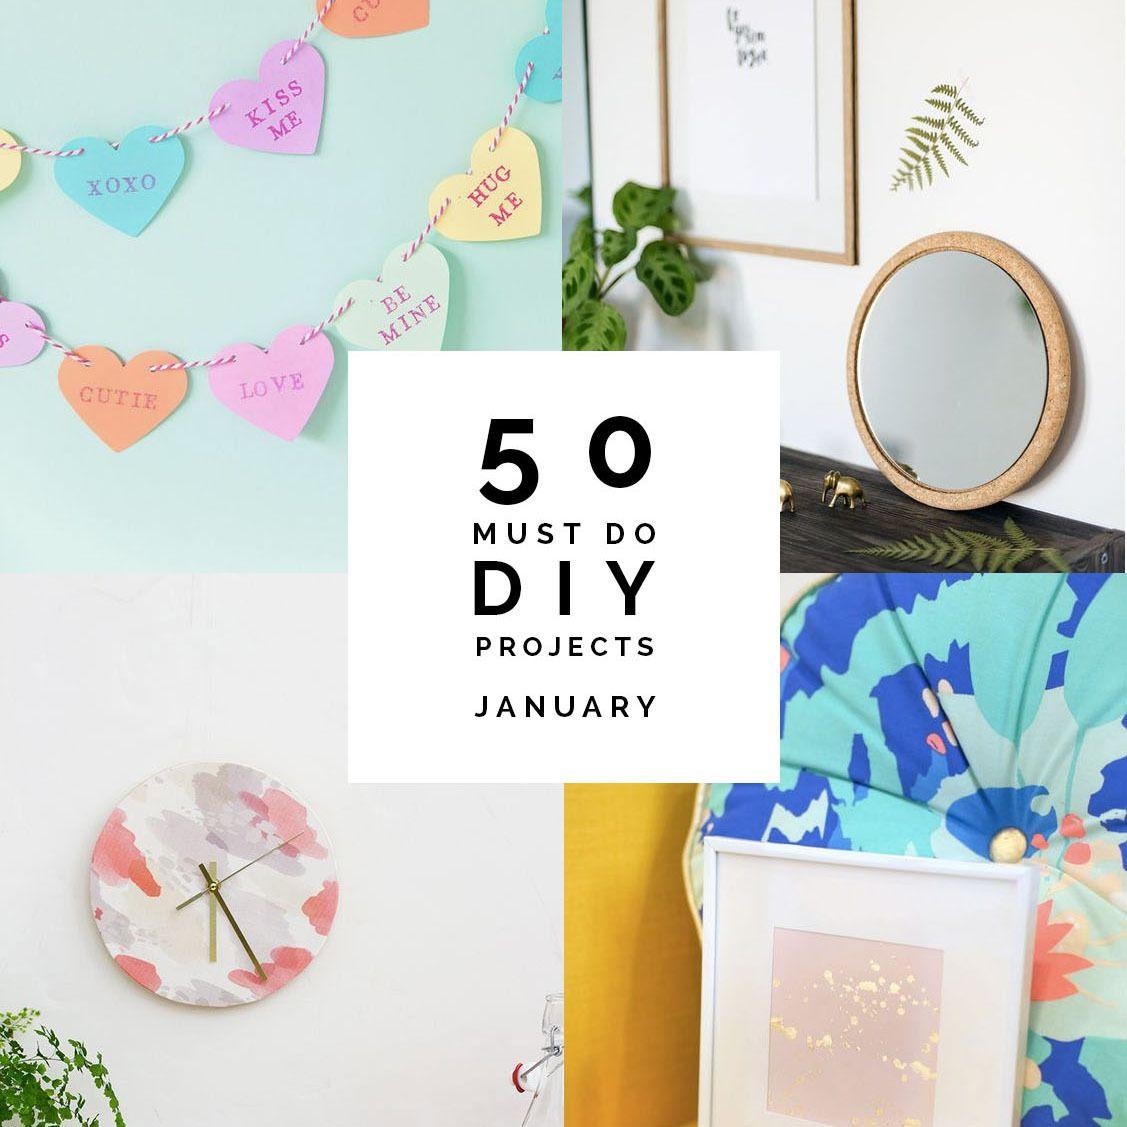 50 идей, которые нужно сделать своими руками за январь |  Падение для DIY